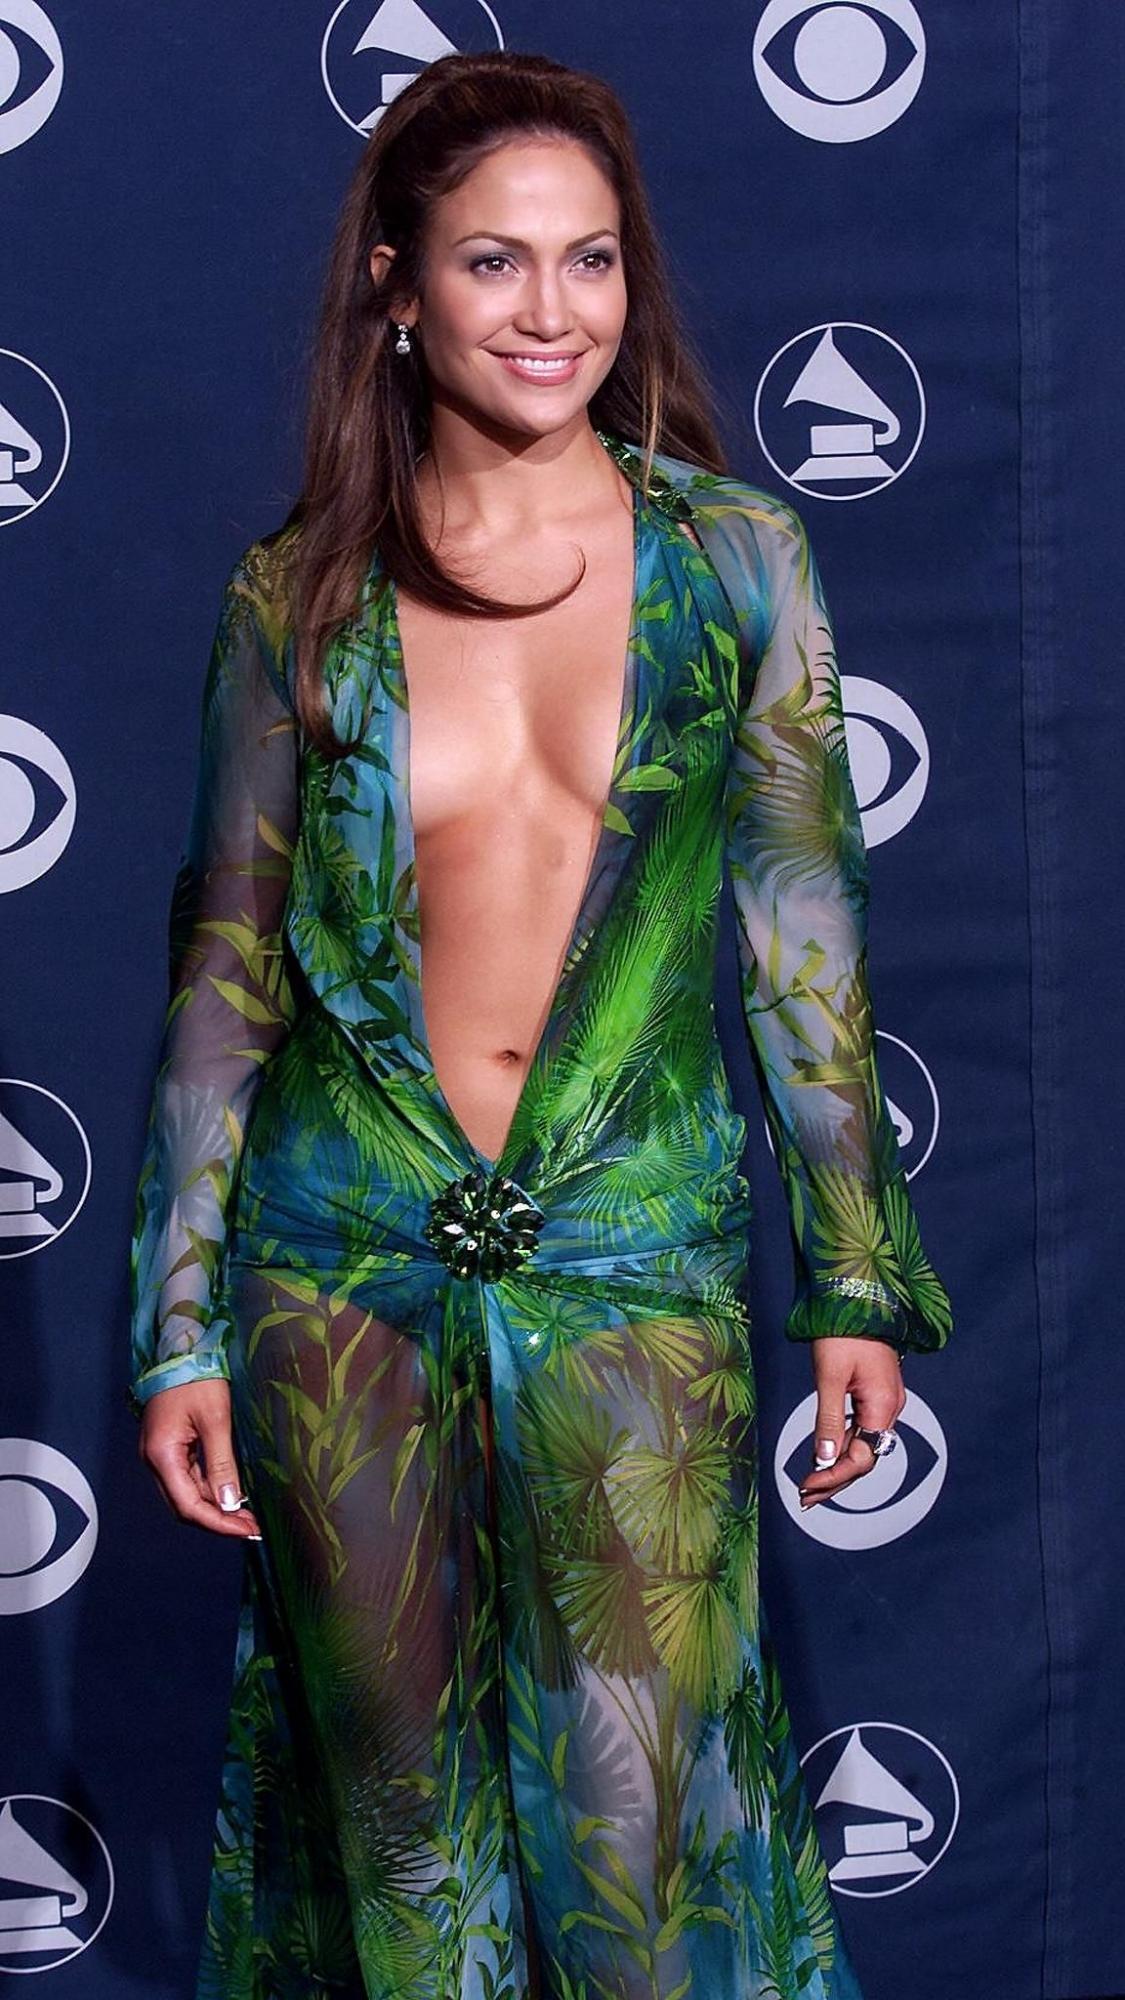 Así lució Jennifer Lopez en la ceremonia de los Grammy del año 2000. (Foto: AFP)